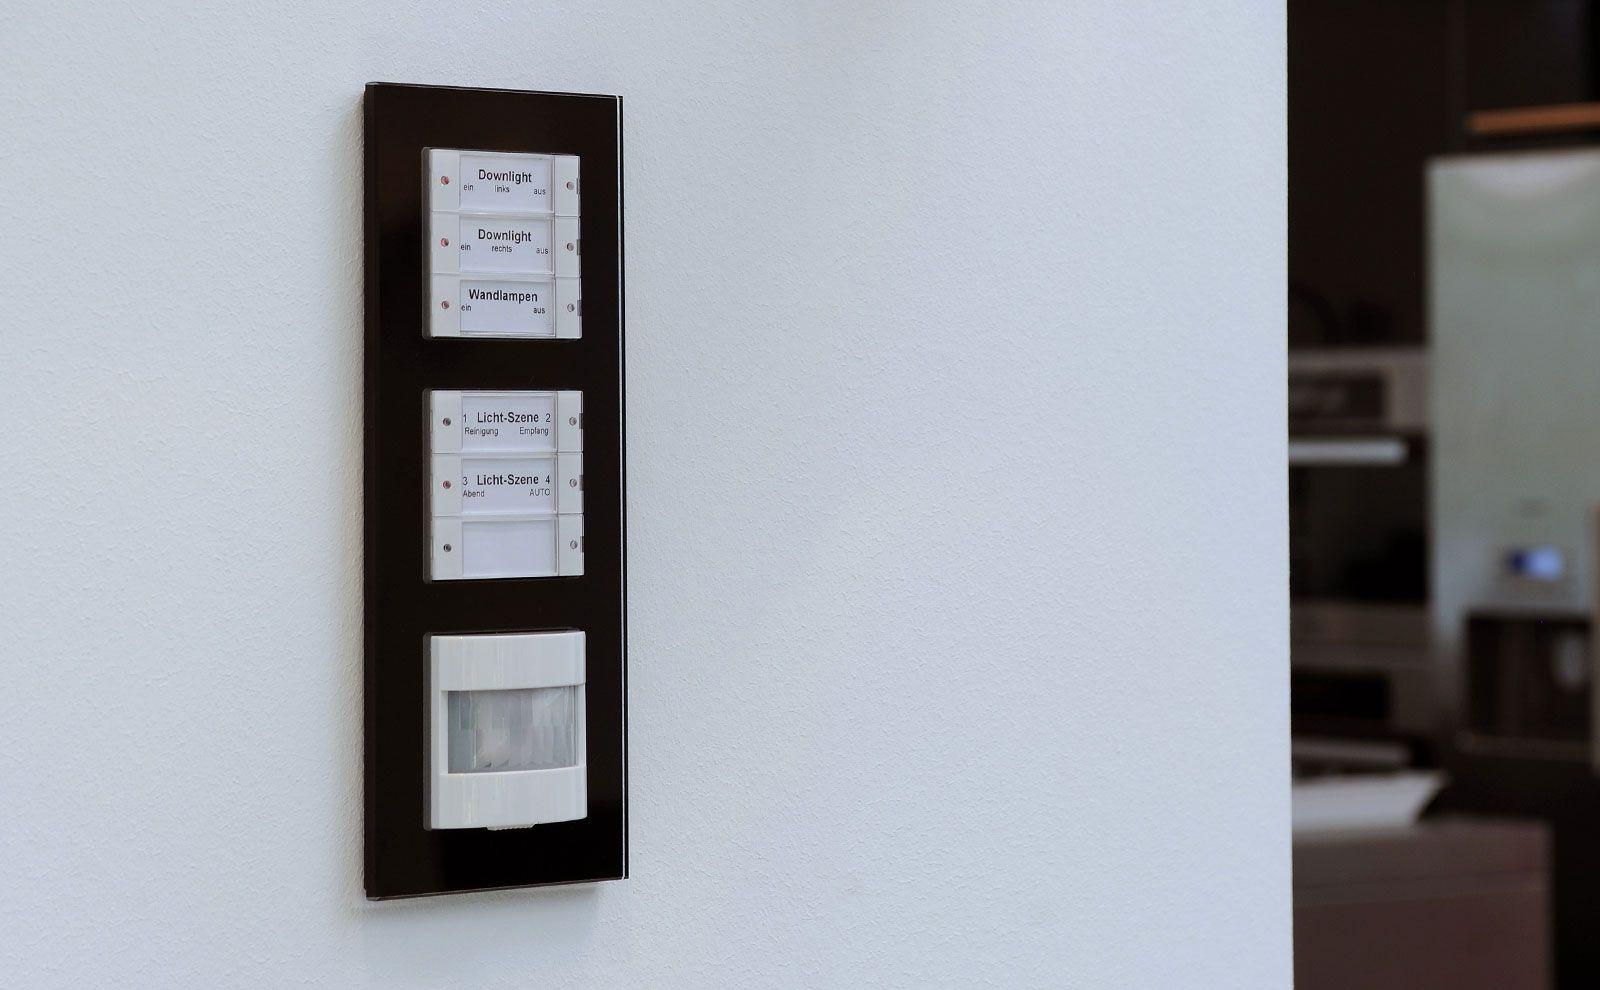 Gira Bewegungsmelder in Kombination mit Tastsensoren an der Wand